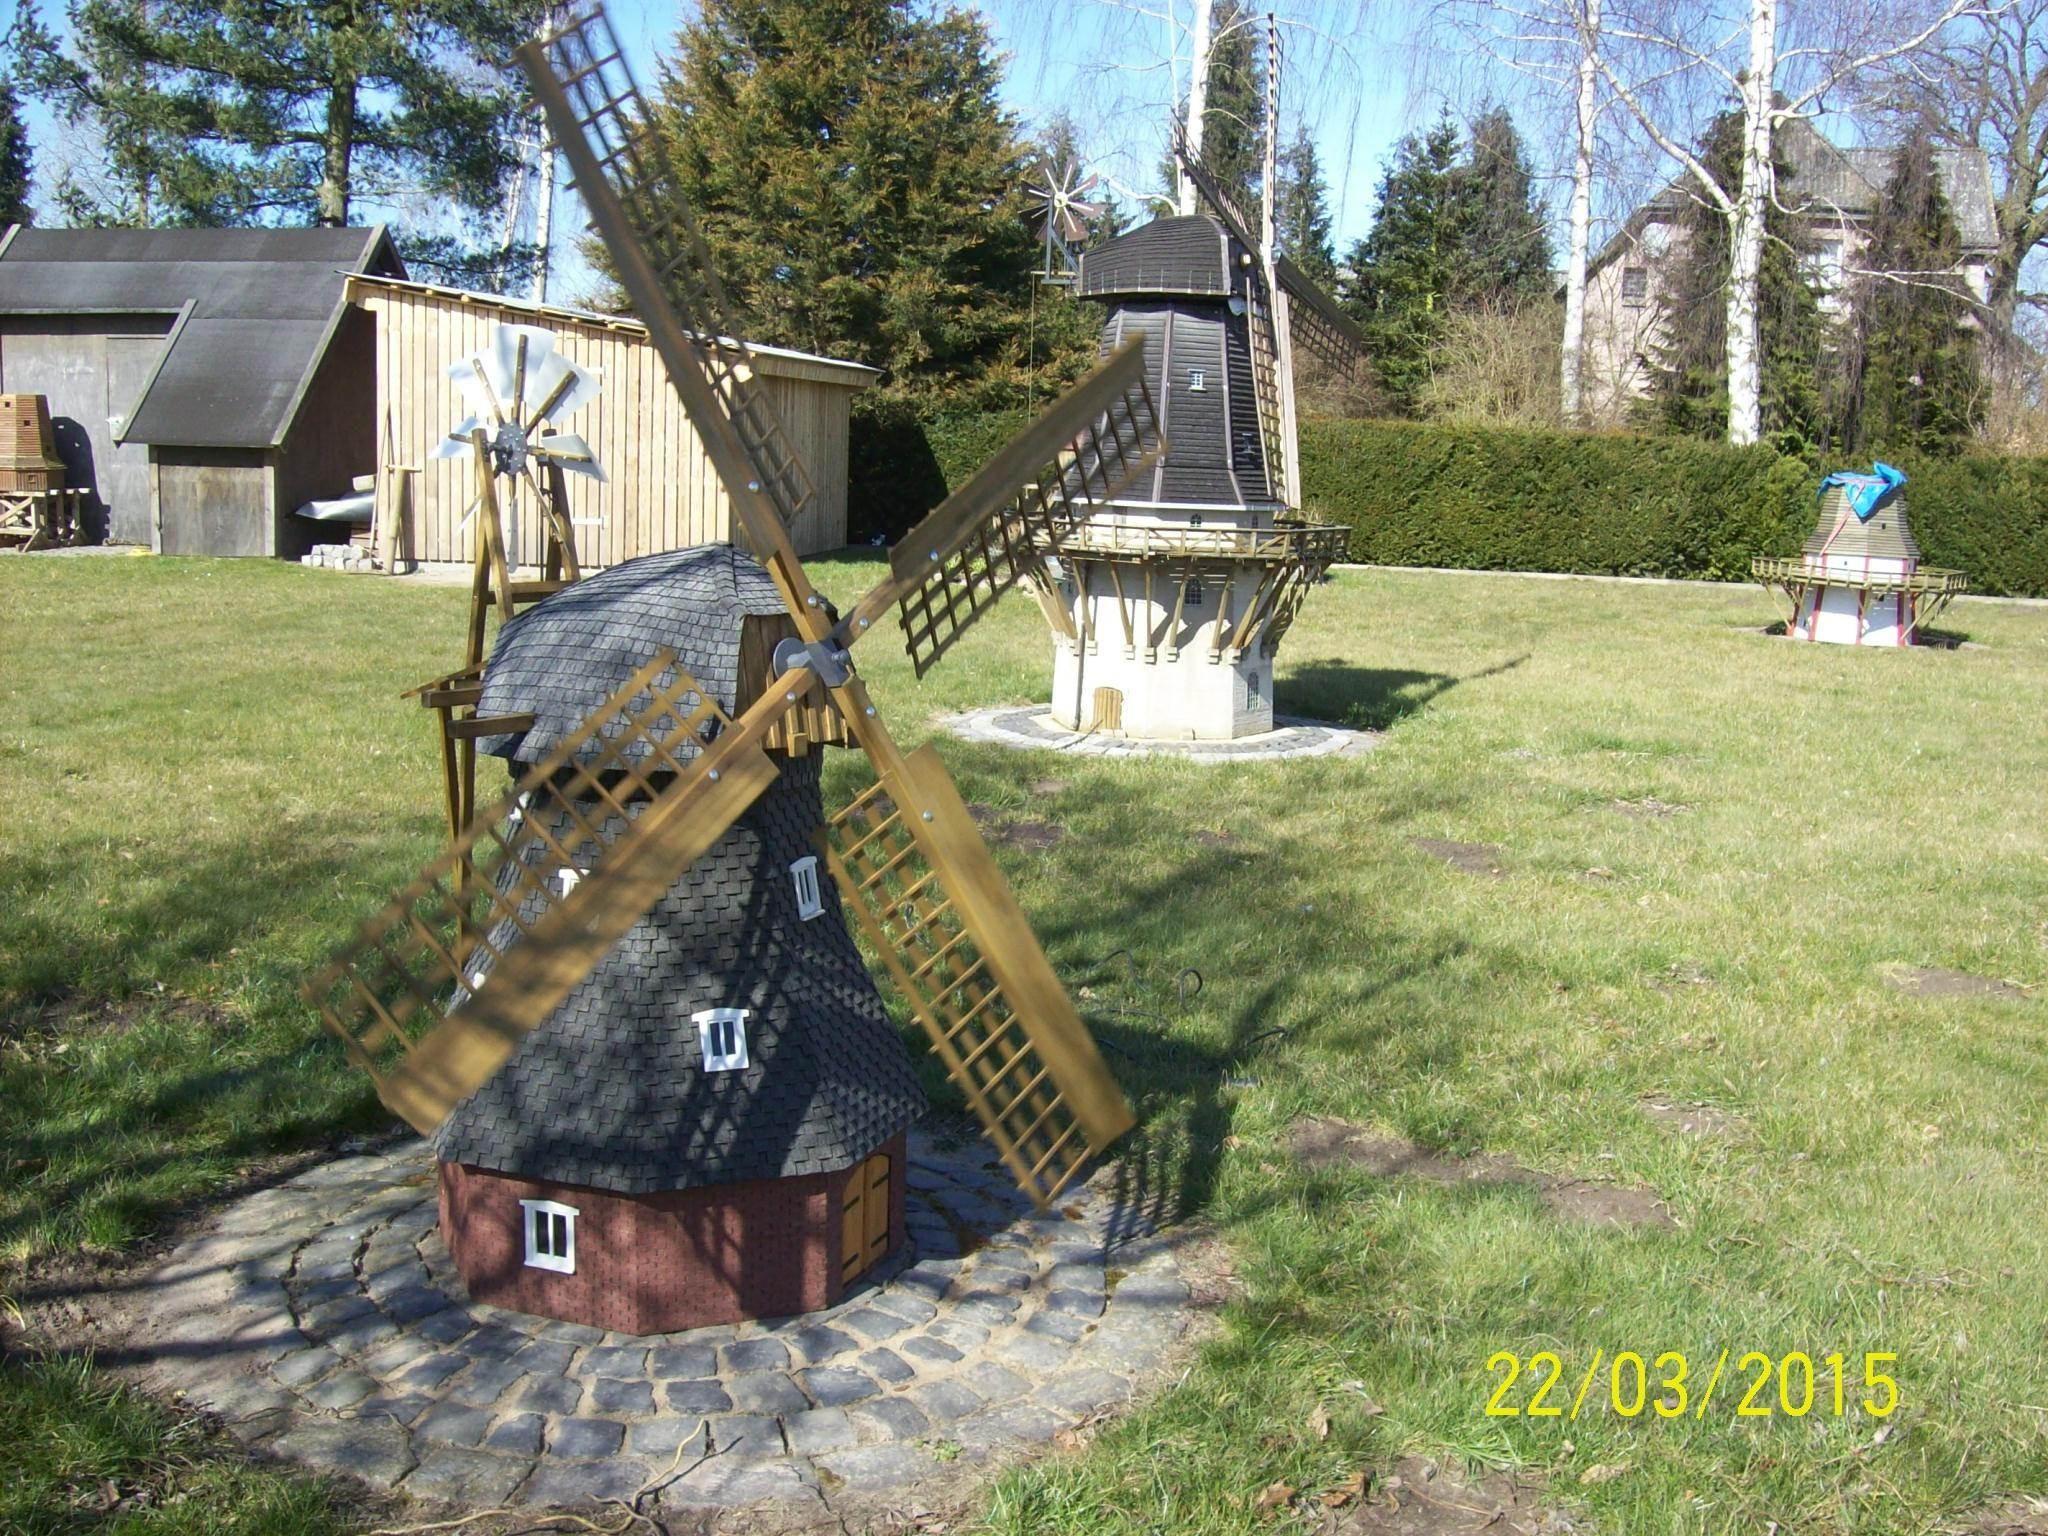 Bau einer Holländer Windmühle Bauanleitung zum selber